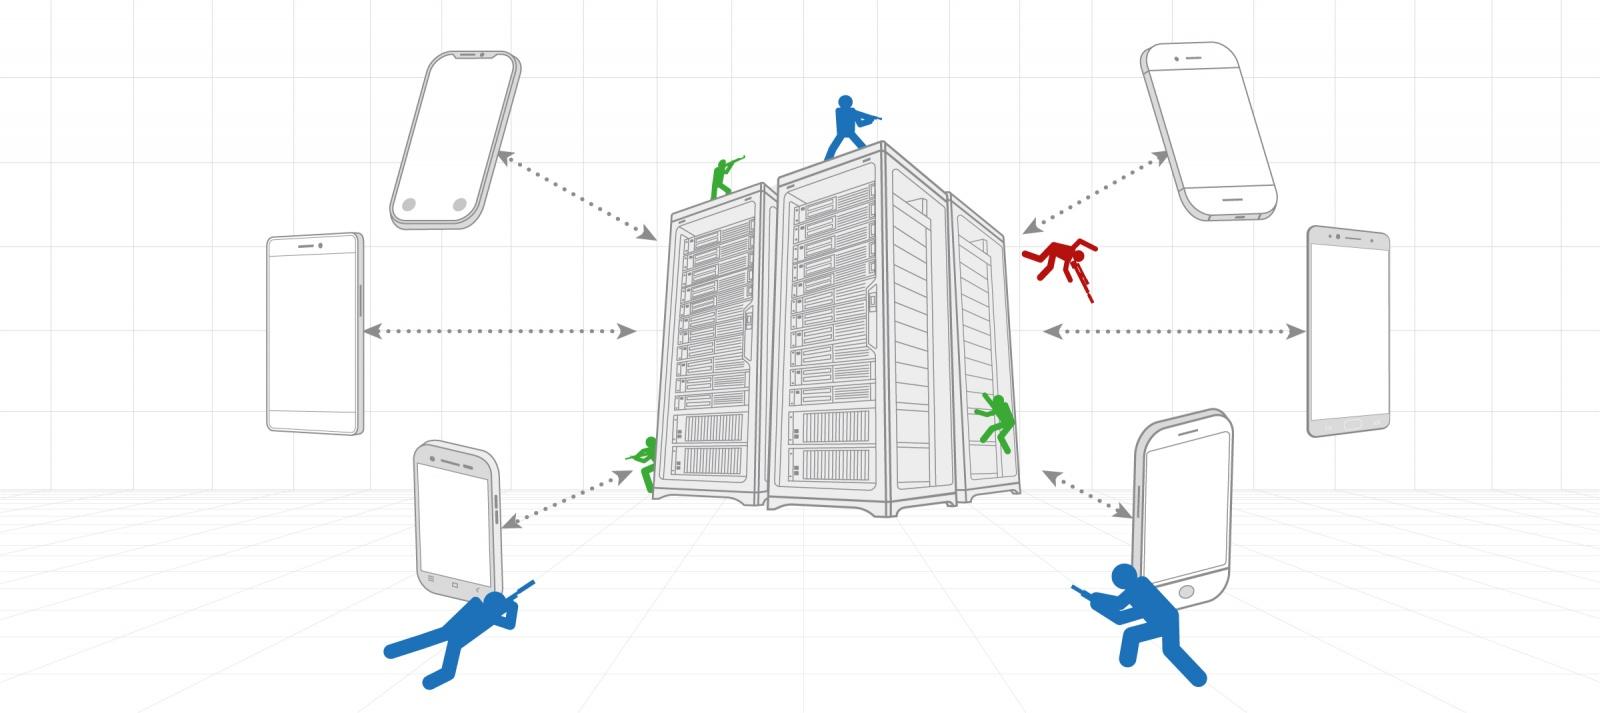 Клиент-серверное взаимодействие в новом мобильном PvP-шутере и устройство игрового сервера: проблемы и решения - 1